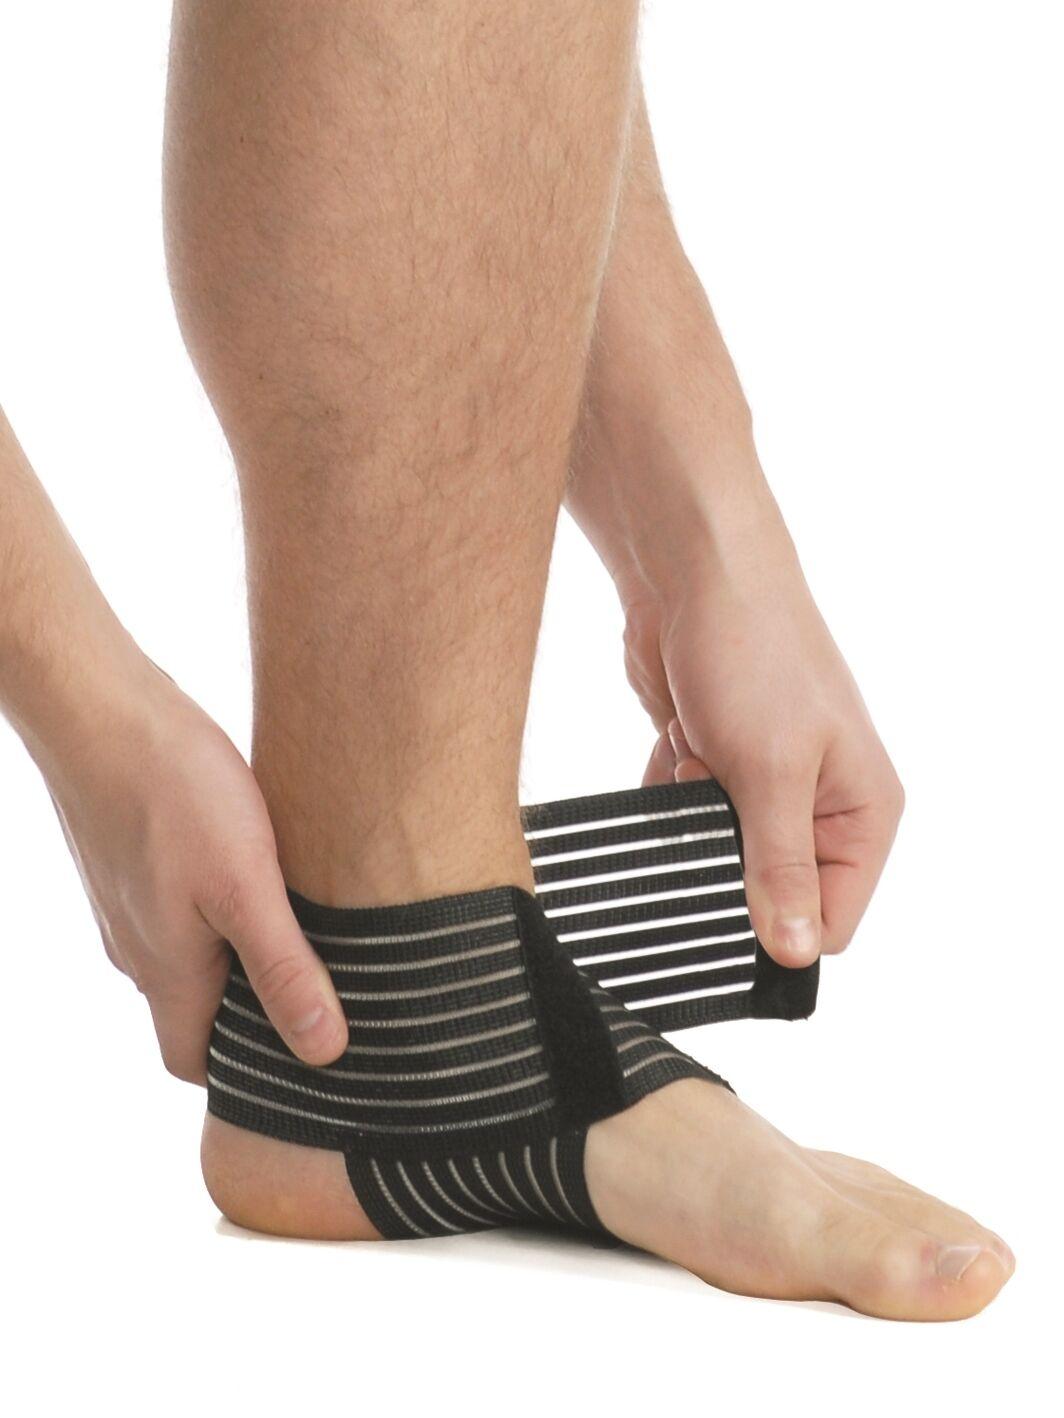 Bandage knöchel